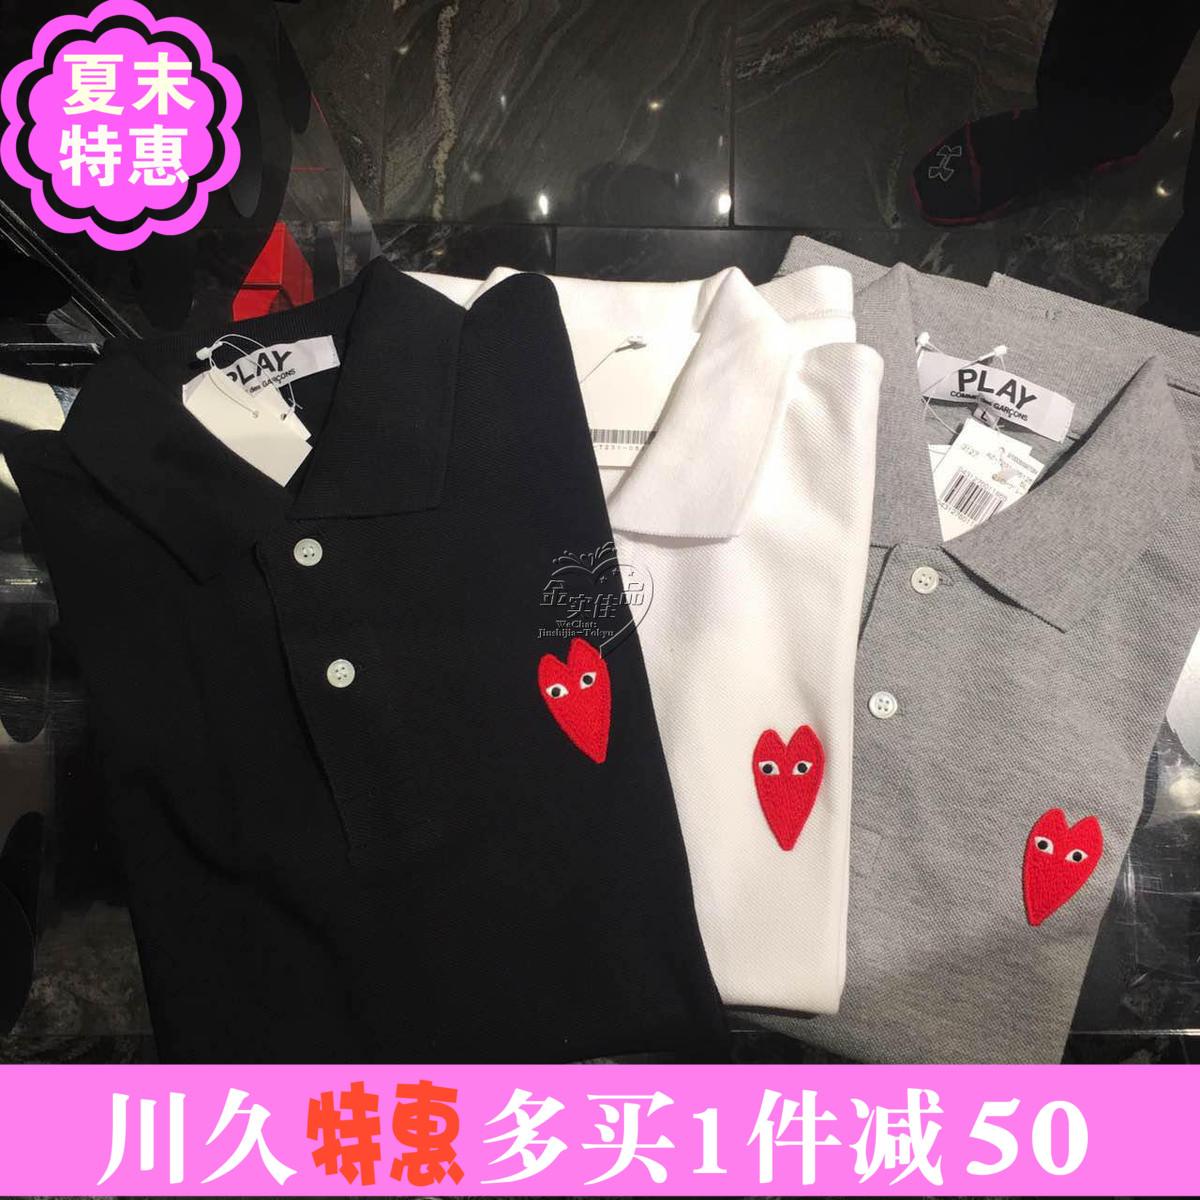 金实佳日本代购 川久保玲CDG PLAY 细长爱心 POLO衫 短袖T恤 男女